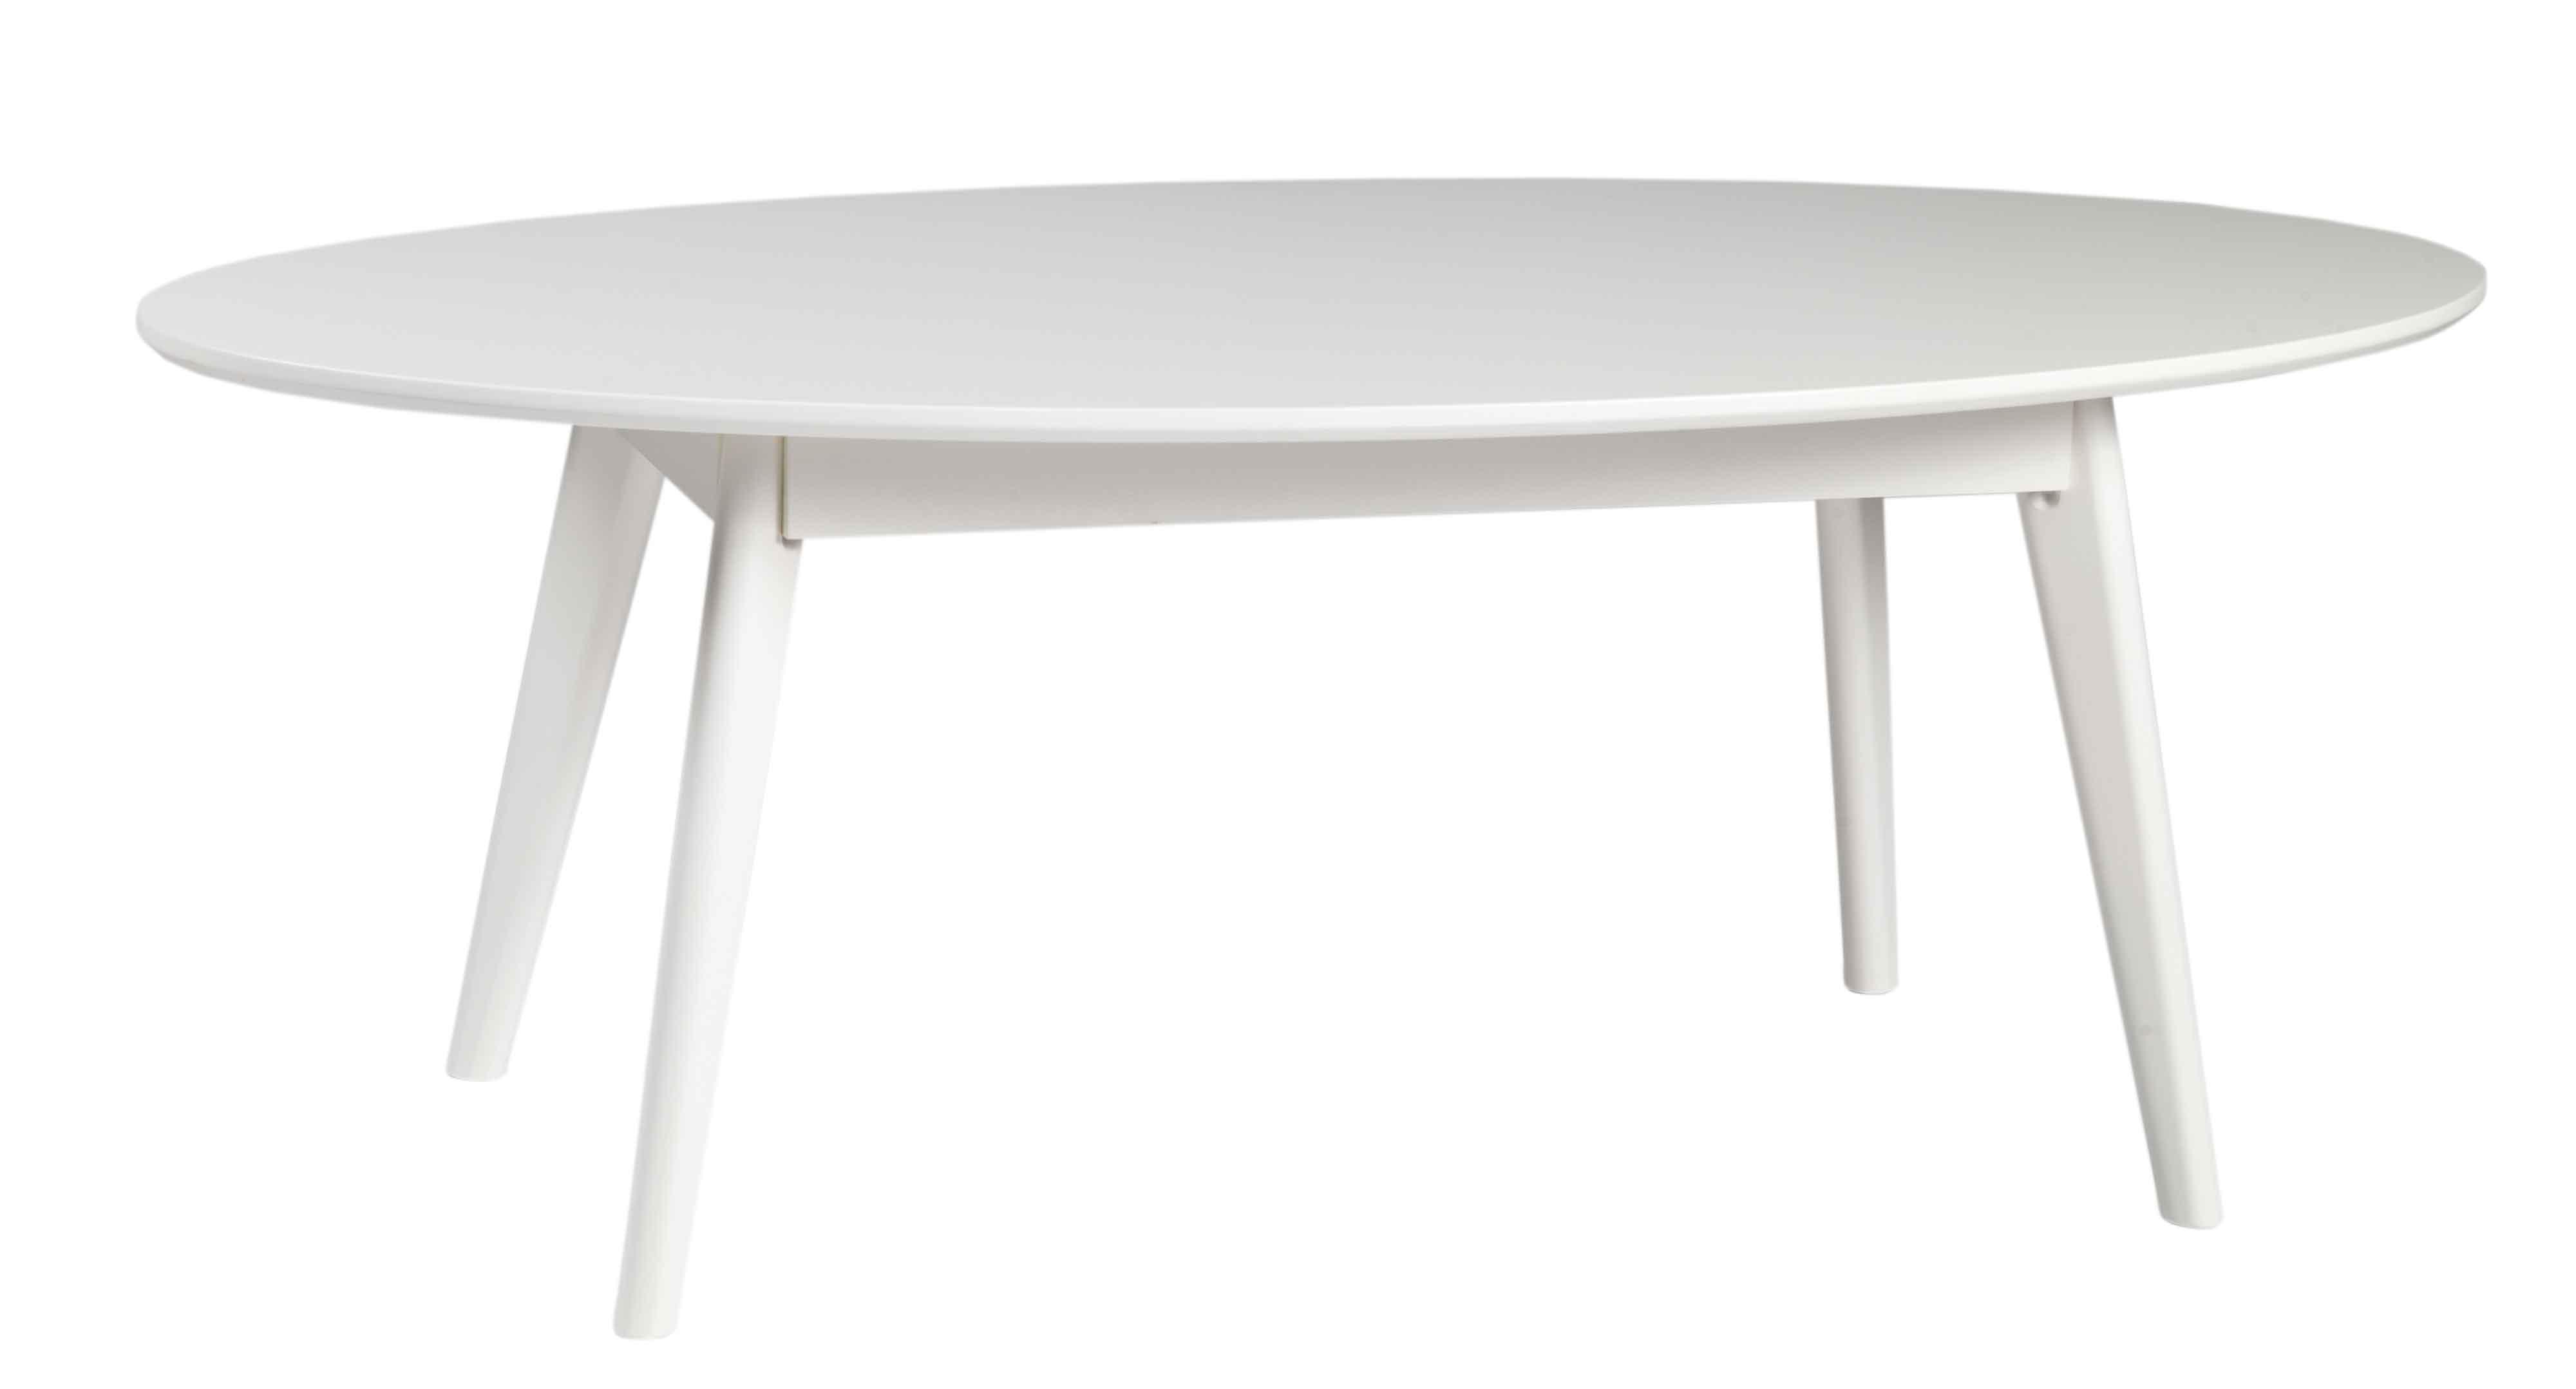 Yumi sofabord - Hvidt egetræ, ovalt